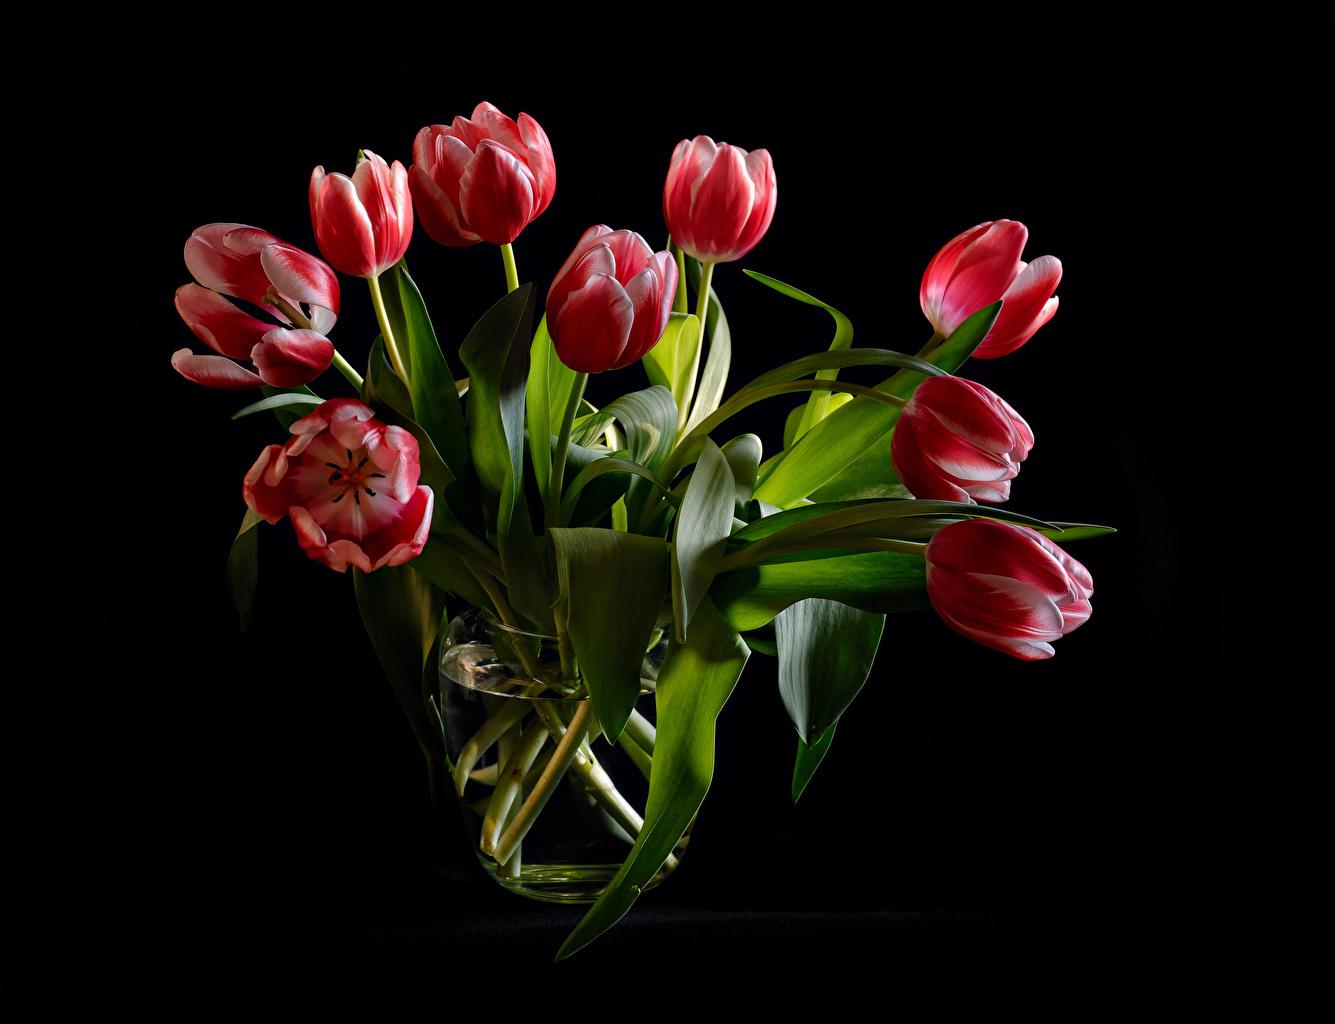 Картинки Букеты тюльпан Красный цветок Черный фон букет красные красная красных Тюльпаны Цветы на черном фоне